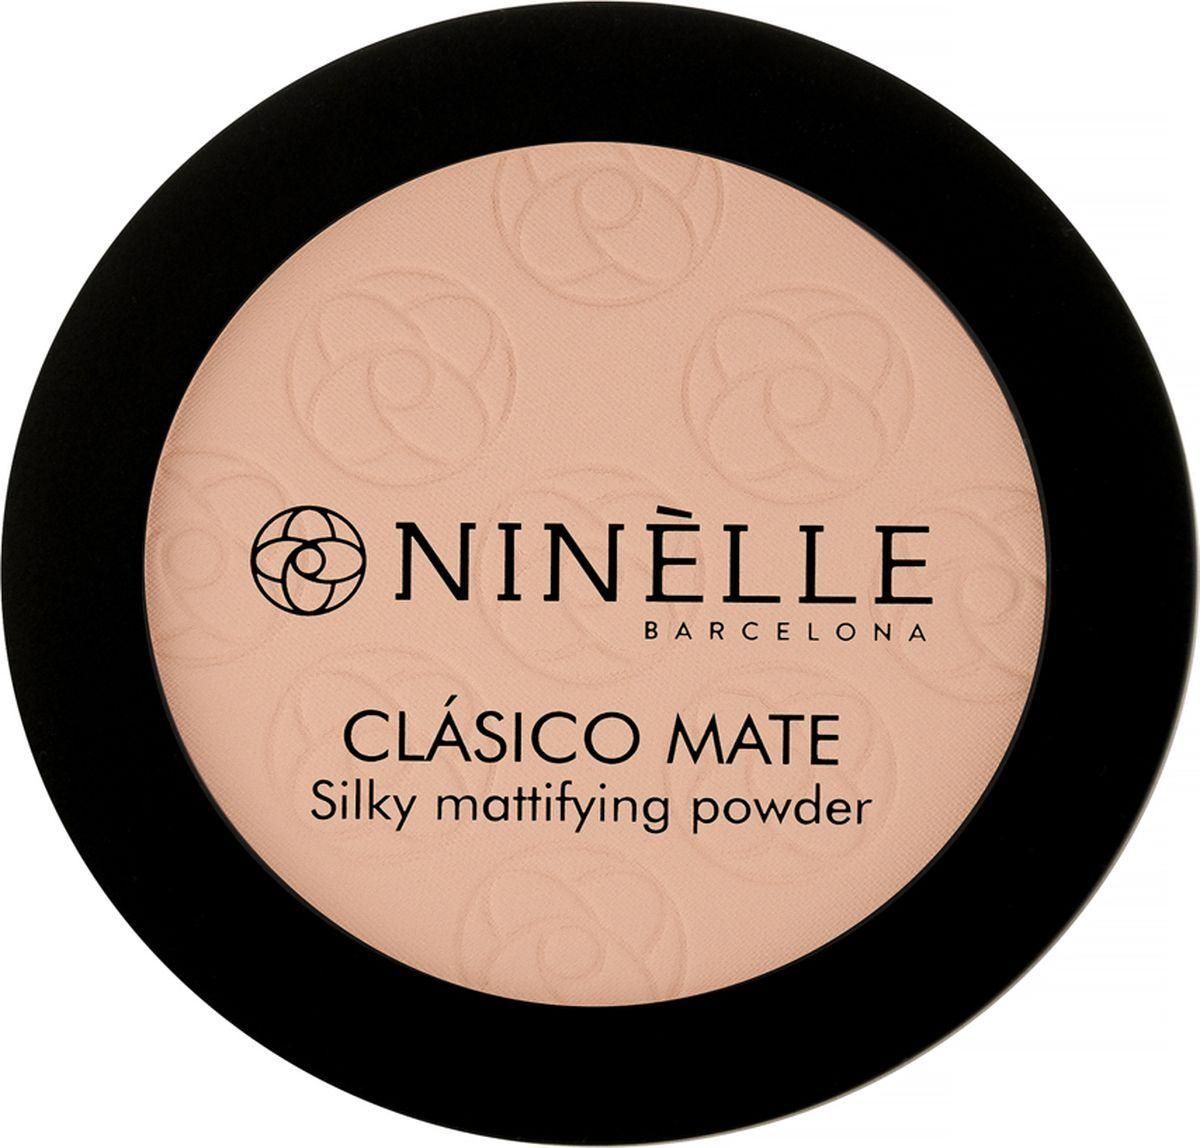 Пудра для лица Ninelle Clasico Mate, легкая, матовая, №202 #1